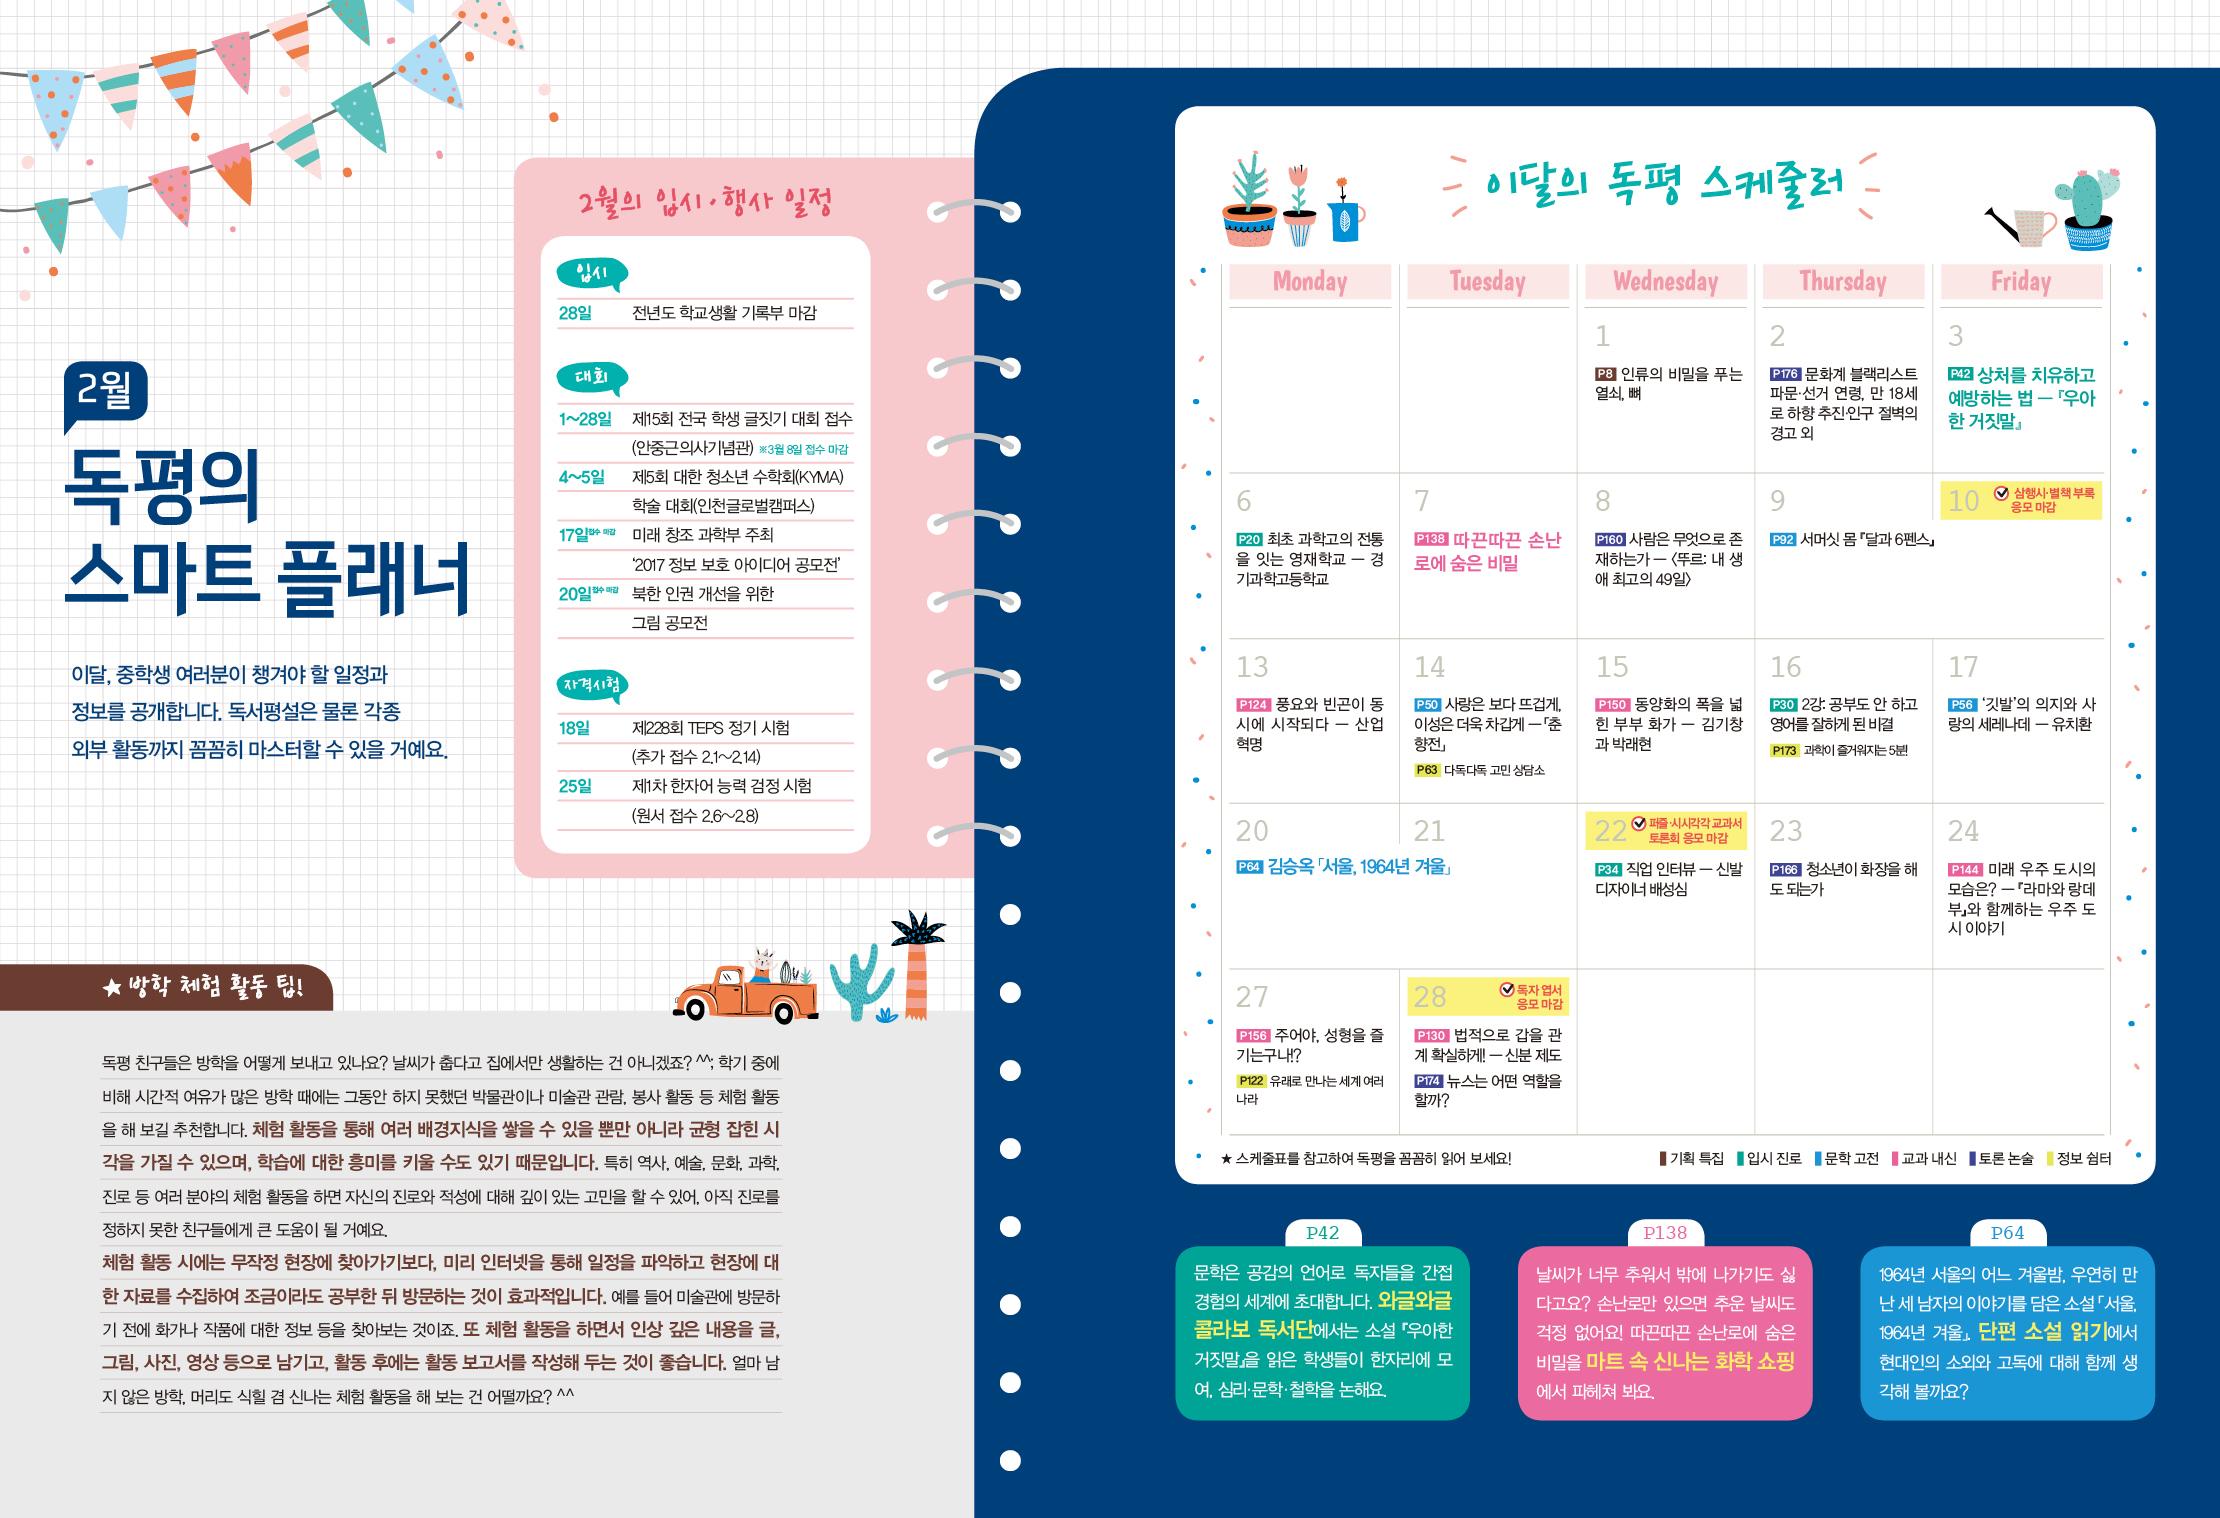 이달의 독서 계획표(2월)